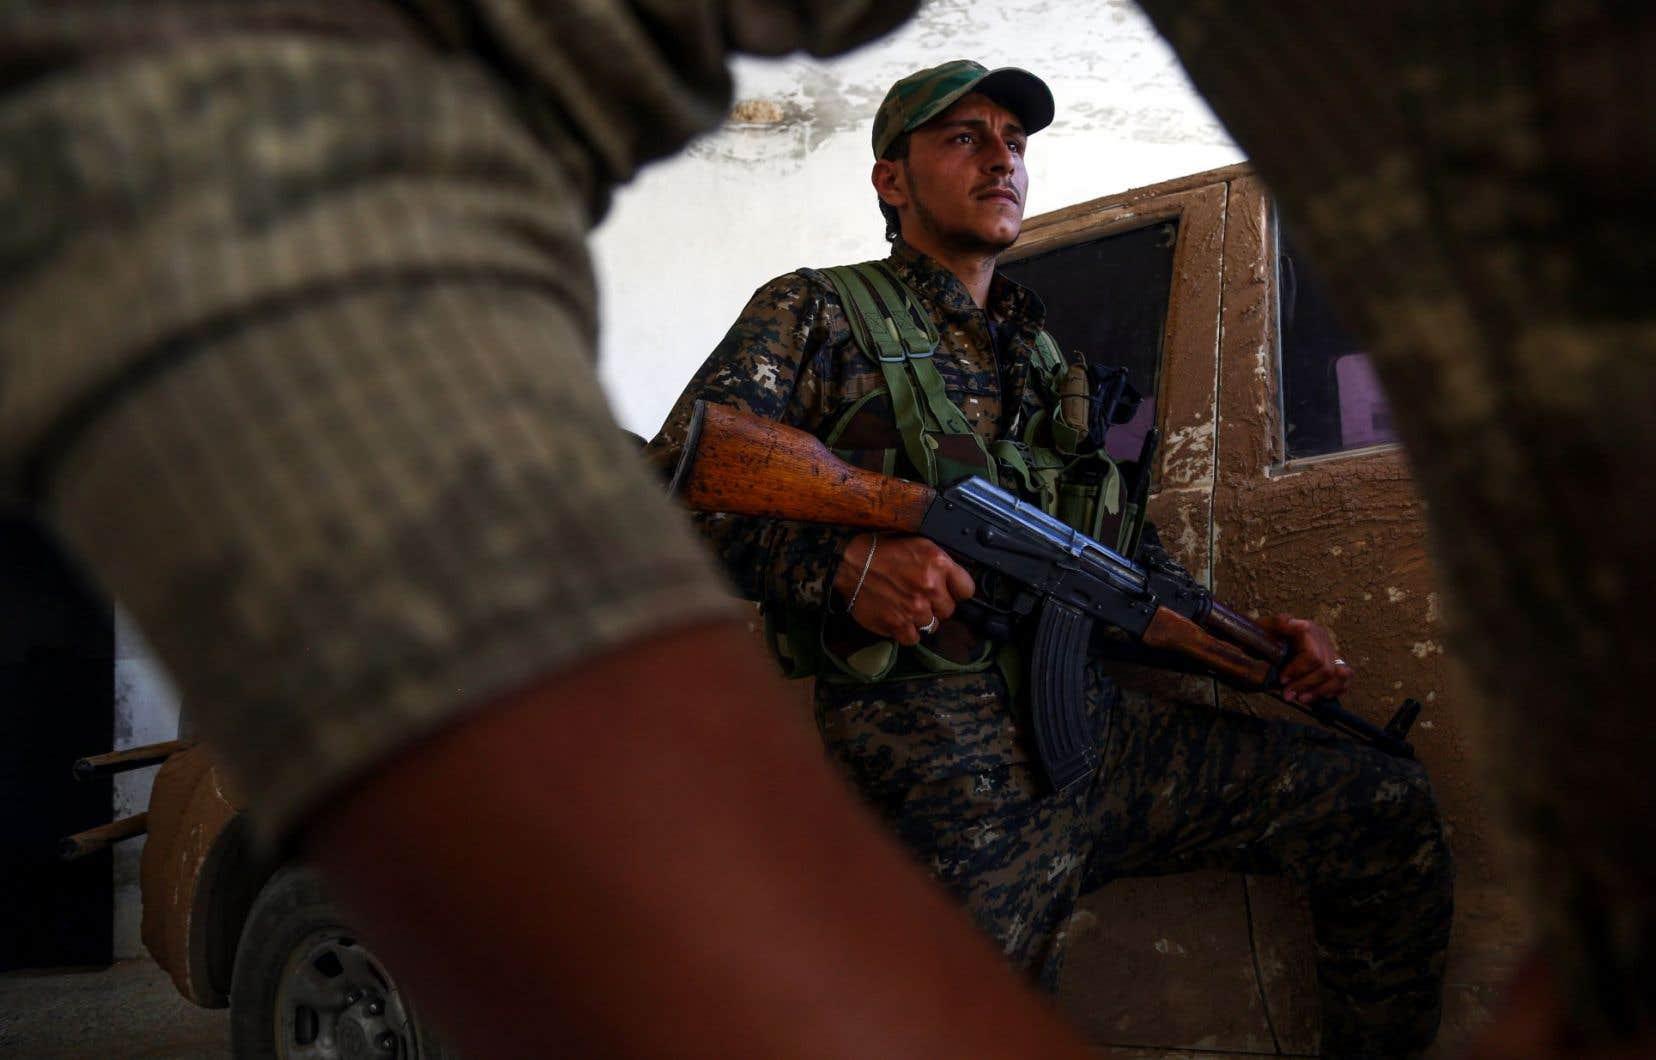 Capturée par les djihadistes en 2014, Raqqa est devenue le symbole des atrocités du groupe EI ainsi qu'une base pour la planification d'attentats commis à l'étranger.